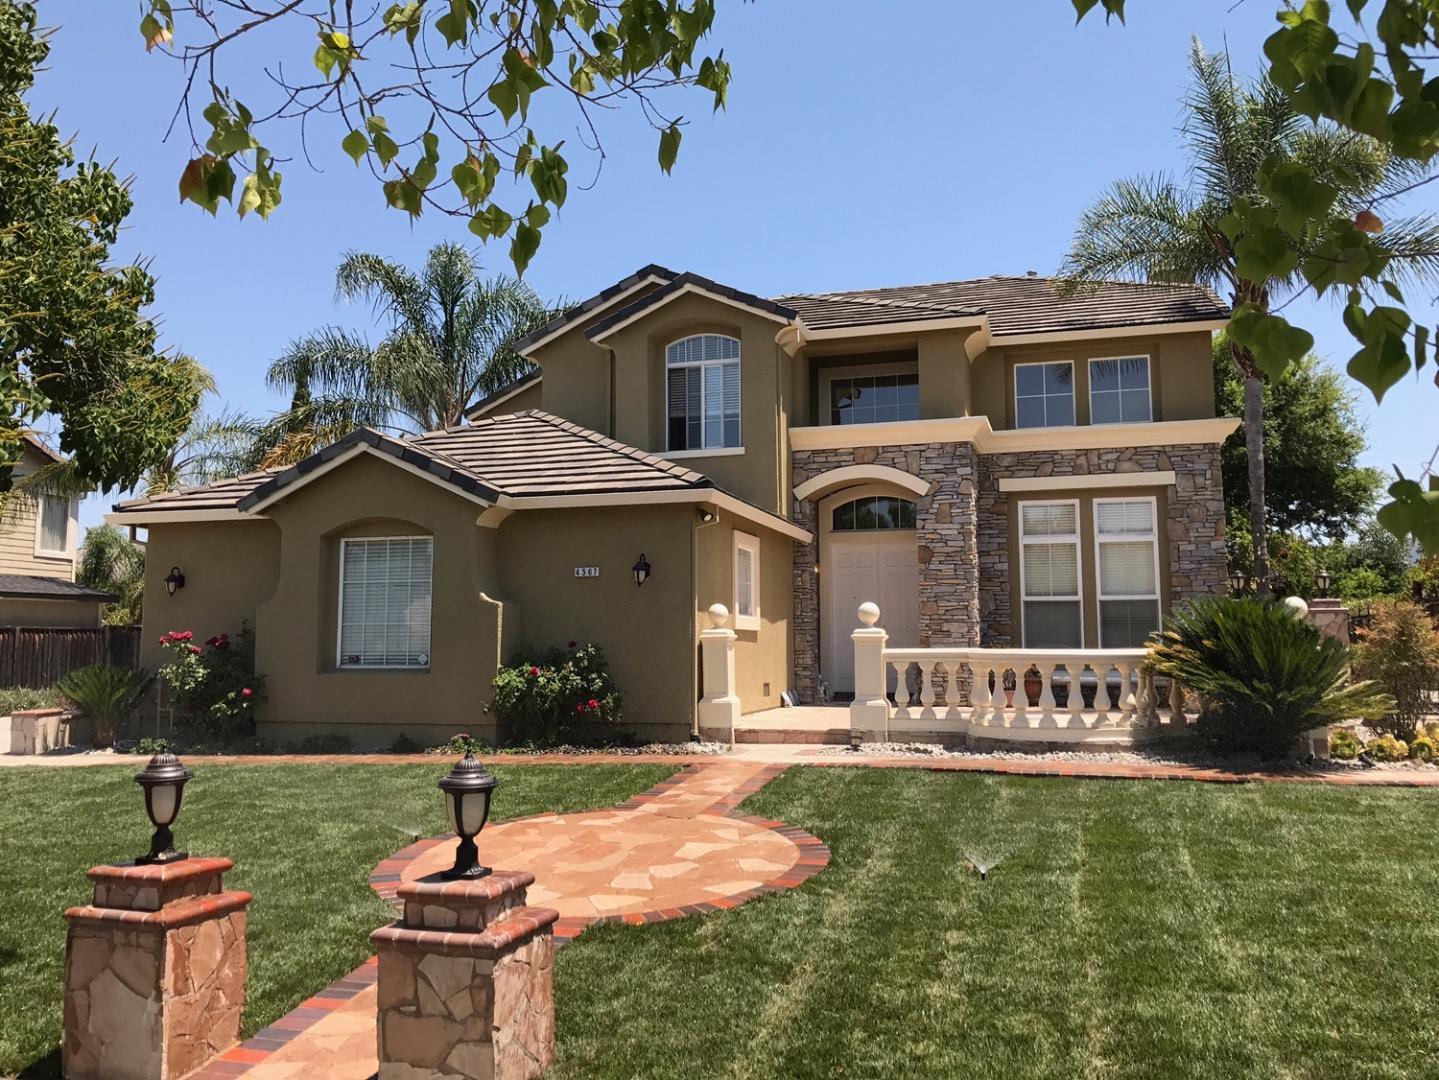 واحد منزل الأسرة للـ Sale في 4567 Terra Place San Jose, California 95121 United States